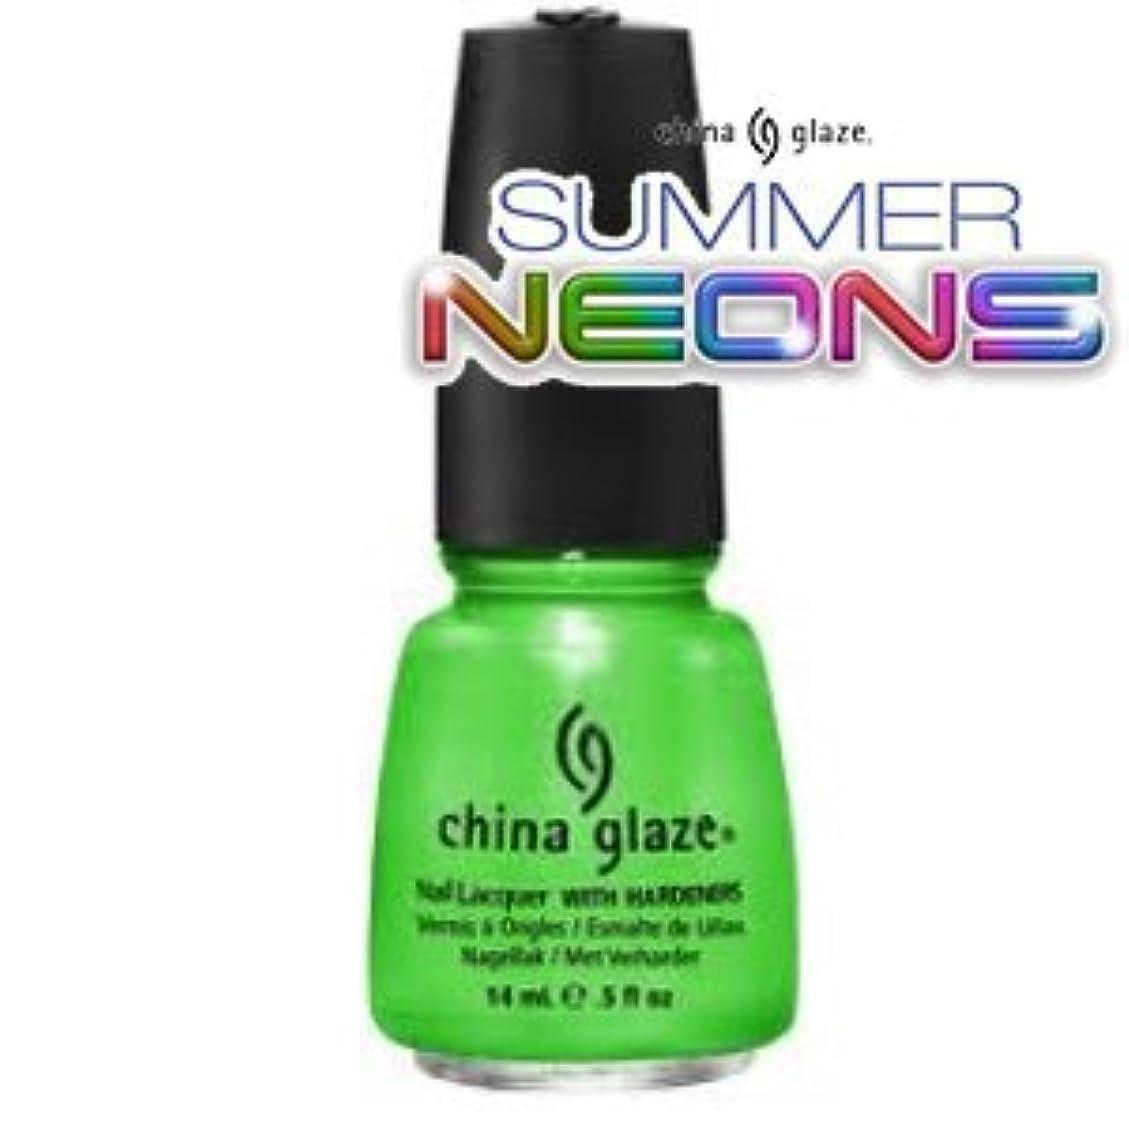 並外れてエレメンタル大事にする(チャイナグレイズ)China Glaze I'm With The Lifeguardーサマーネオン コレクション [海外直送品][並行輸入品]